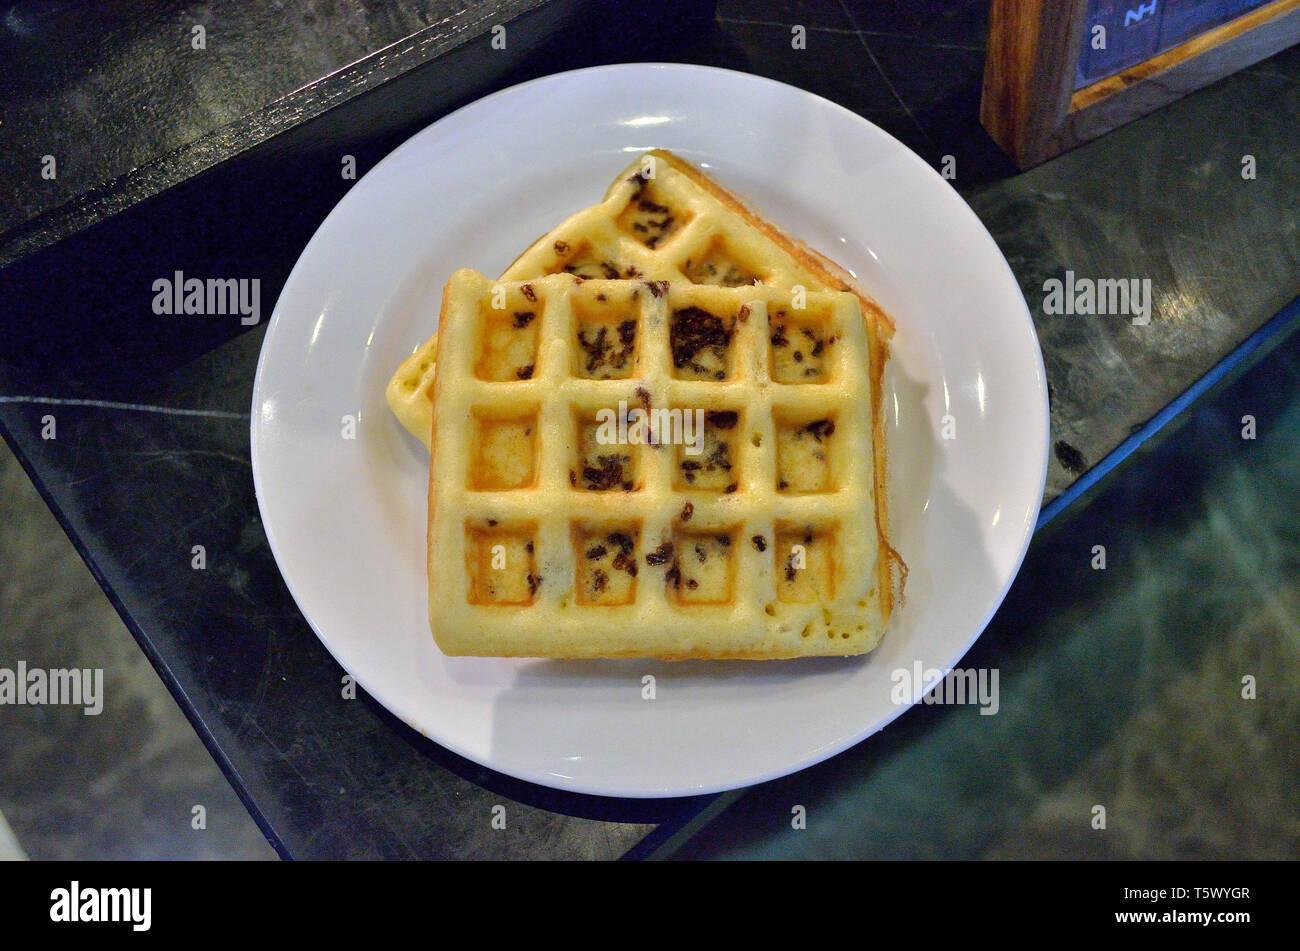 Gaufre Choco saupoudre de cuisson Photo Stock